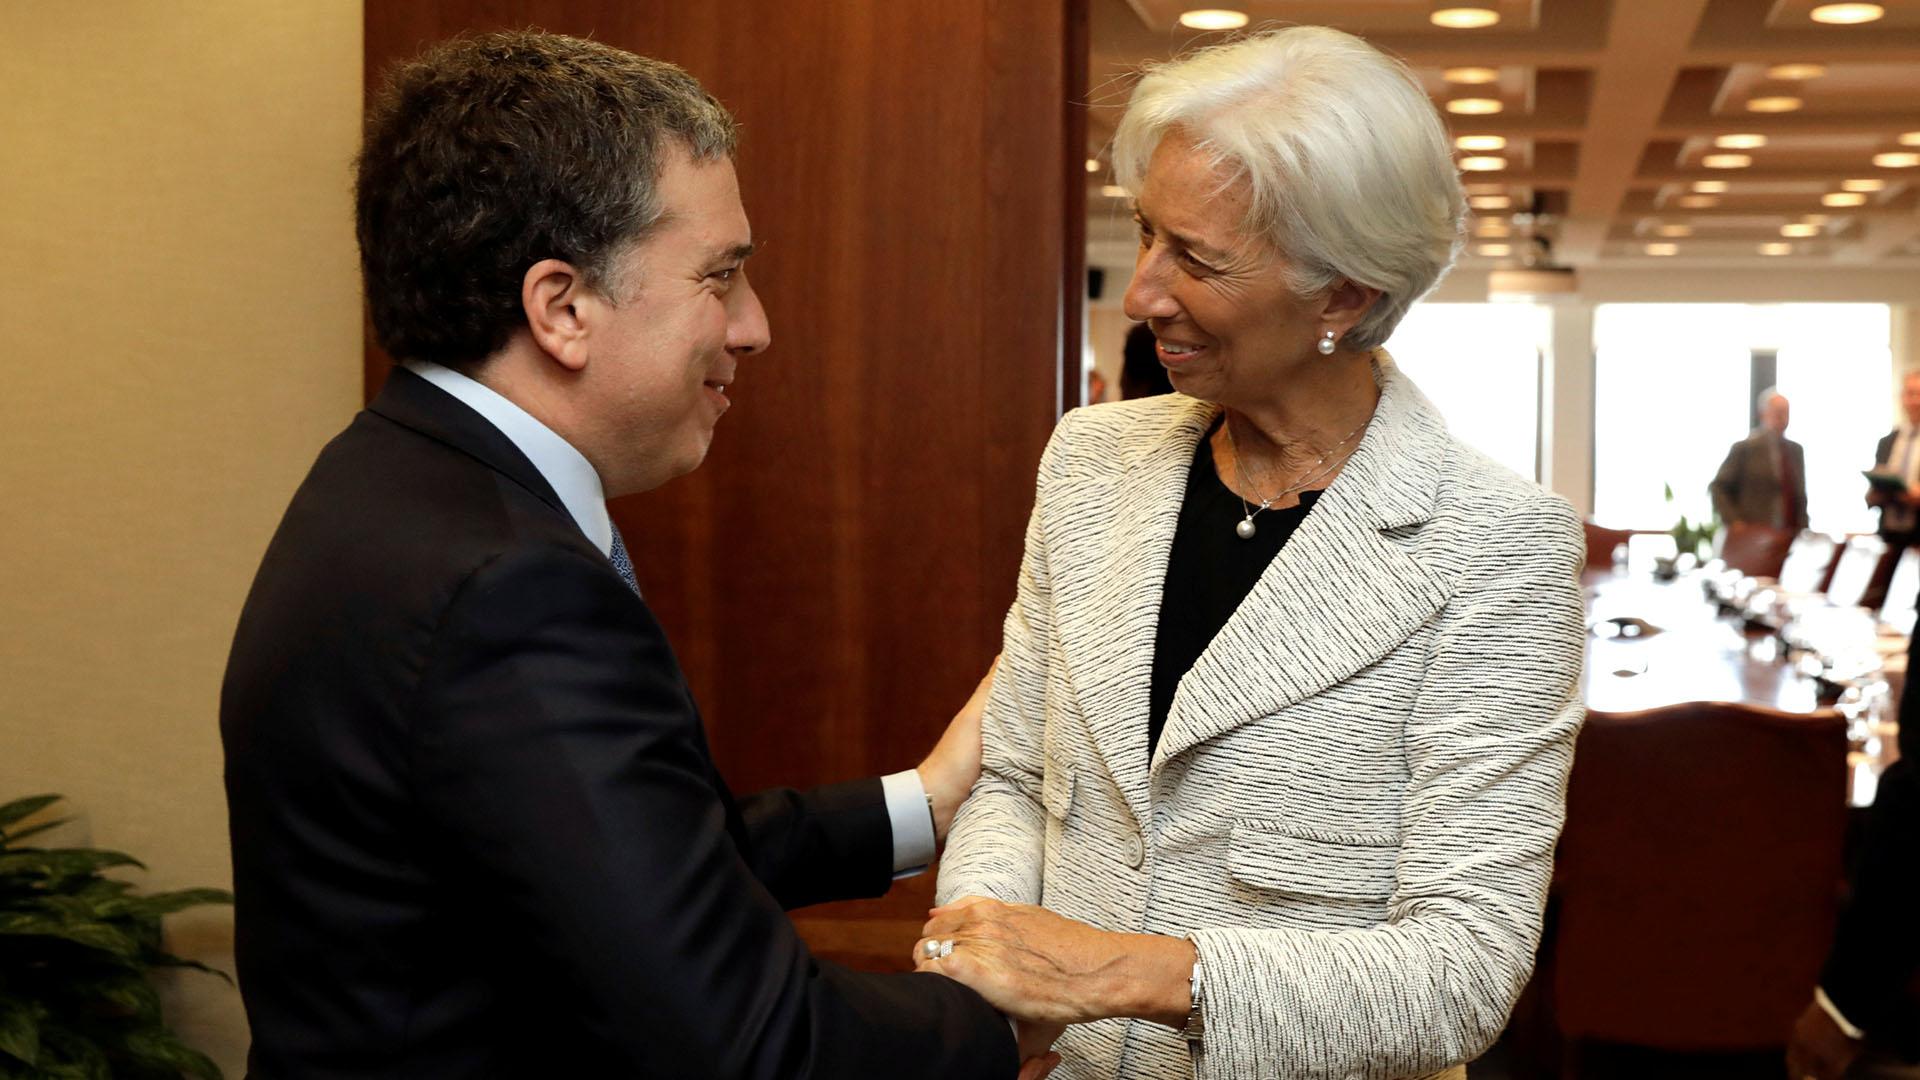 Se espera que Dujovne viaje la próxima semana a Washington para entablar negociaciones más avanzadas. (Reuters)